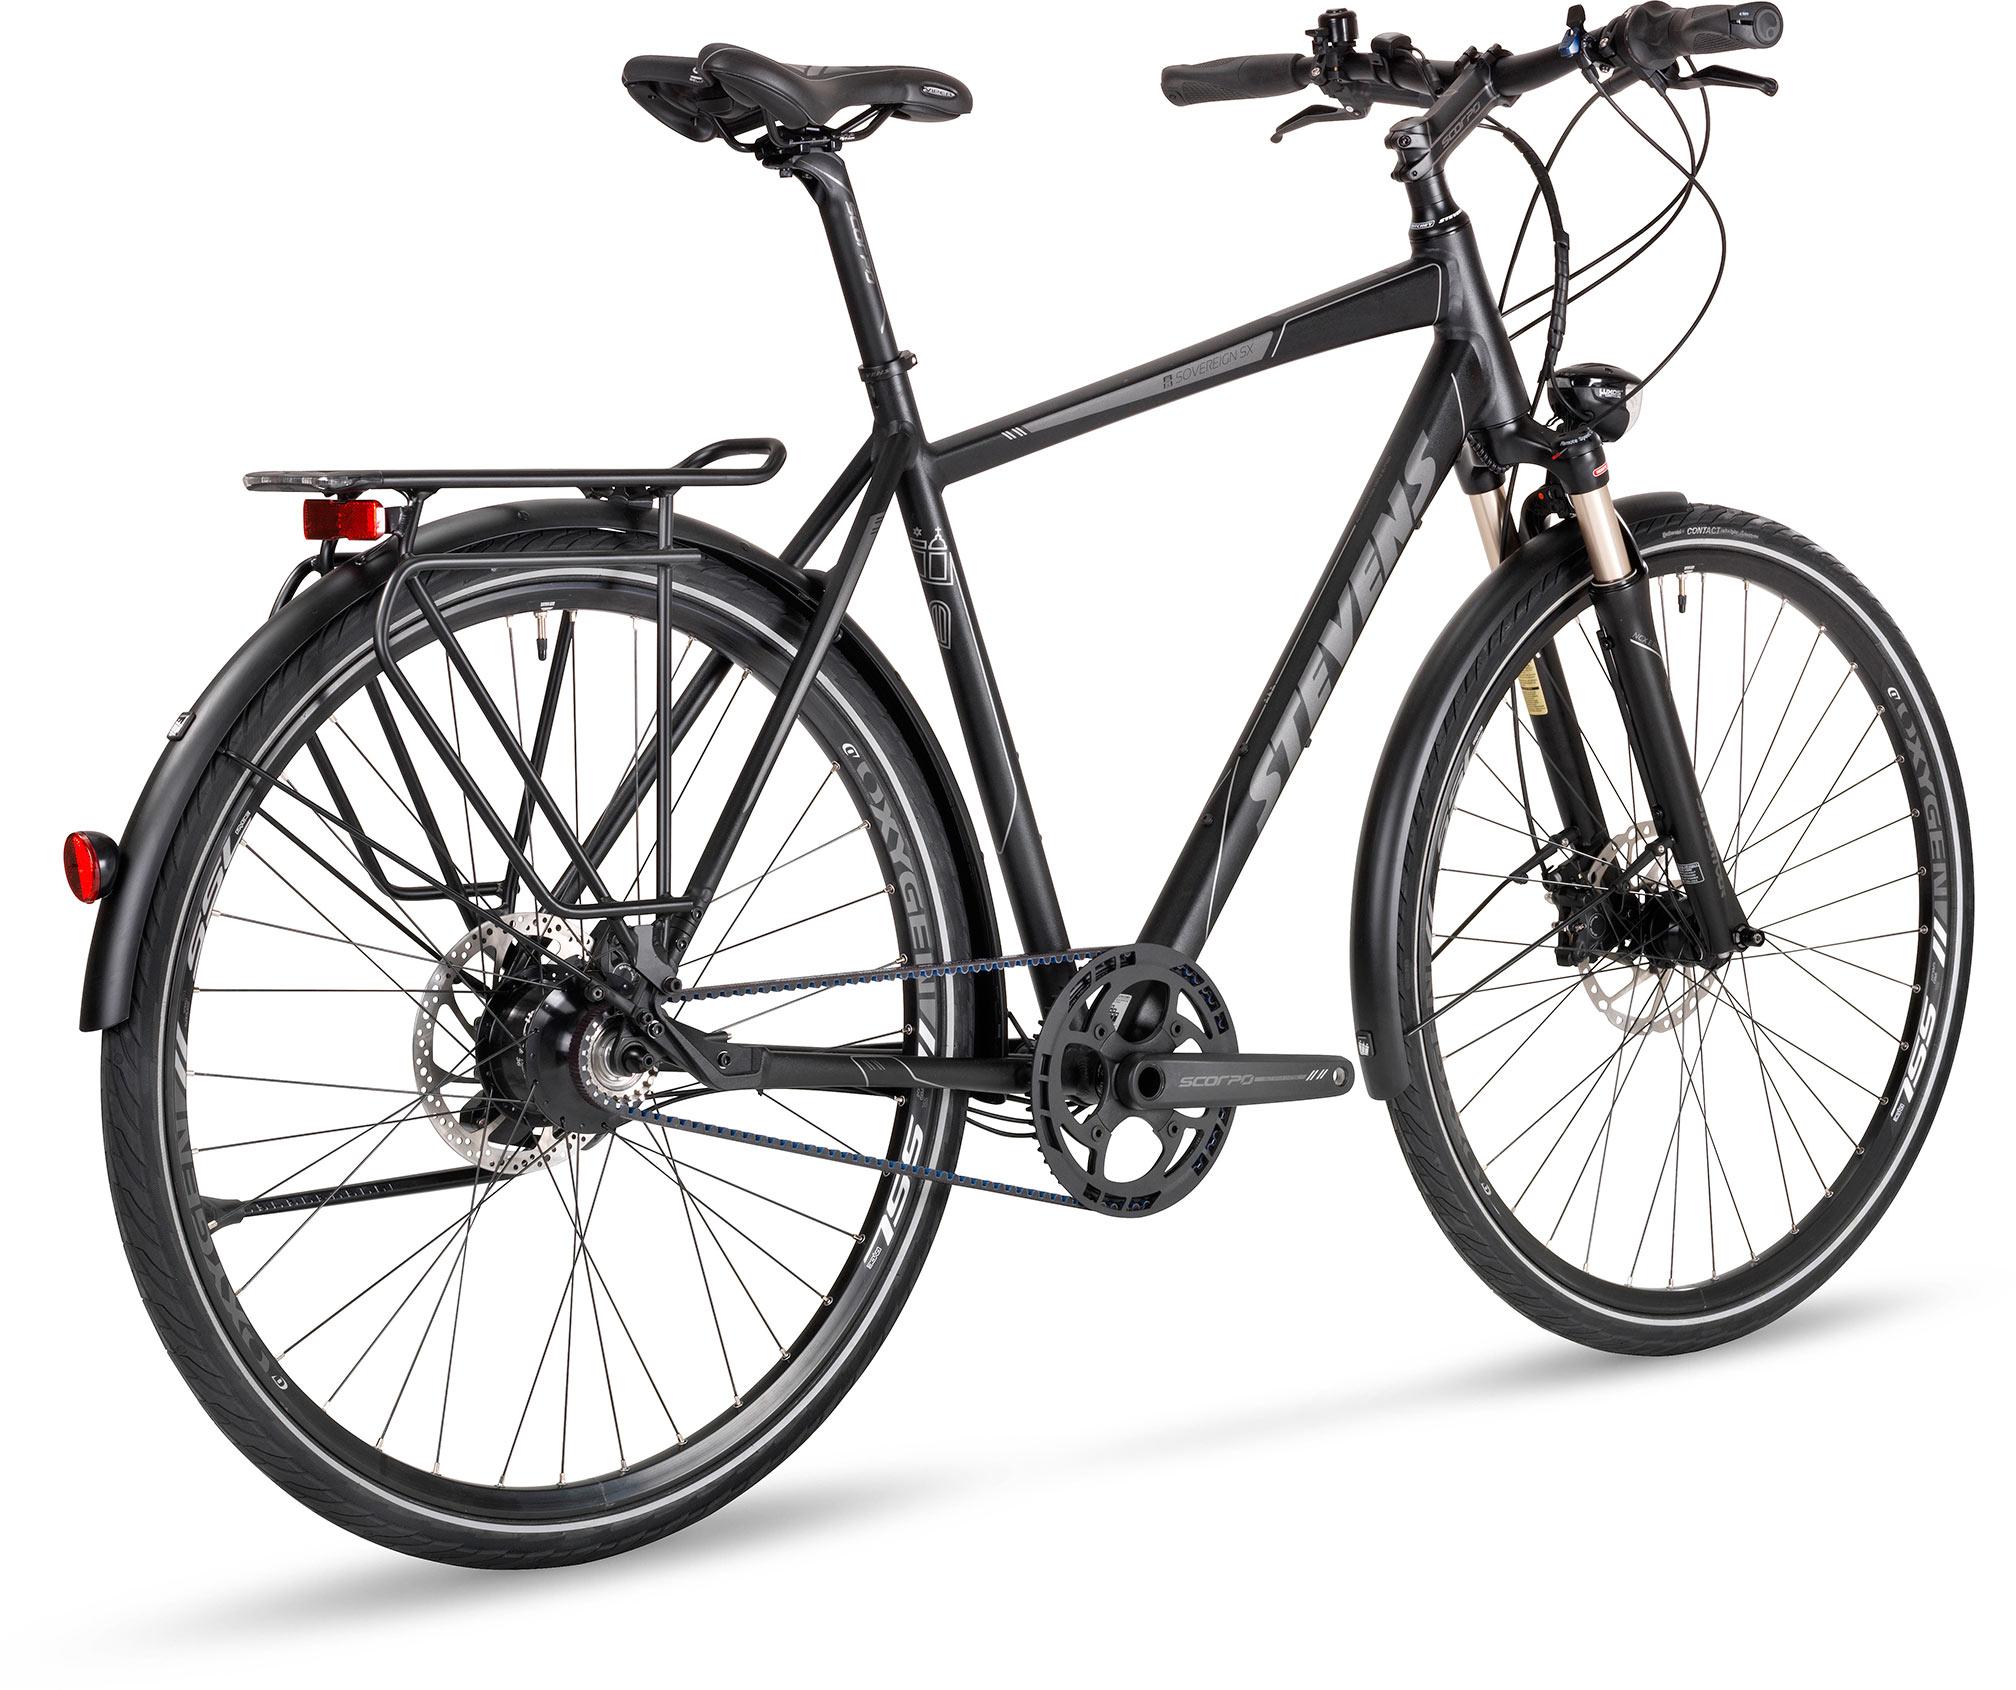 Sovereign SX R14 - Stevens Bikes 2016